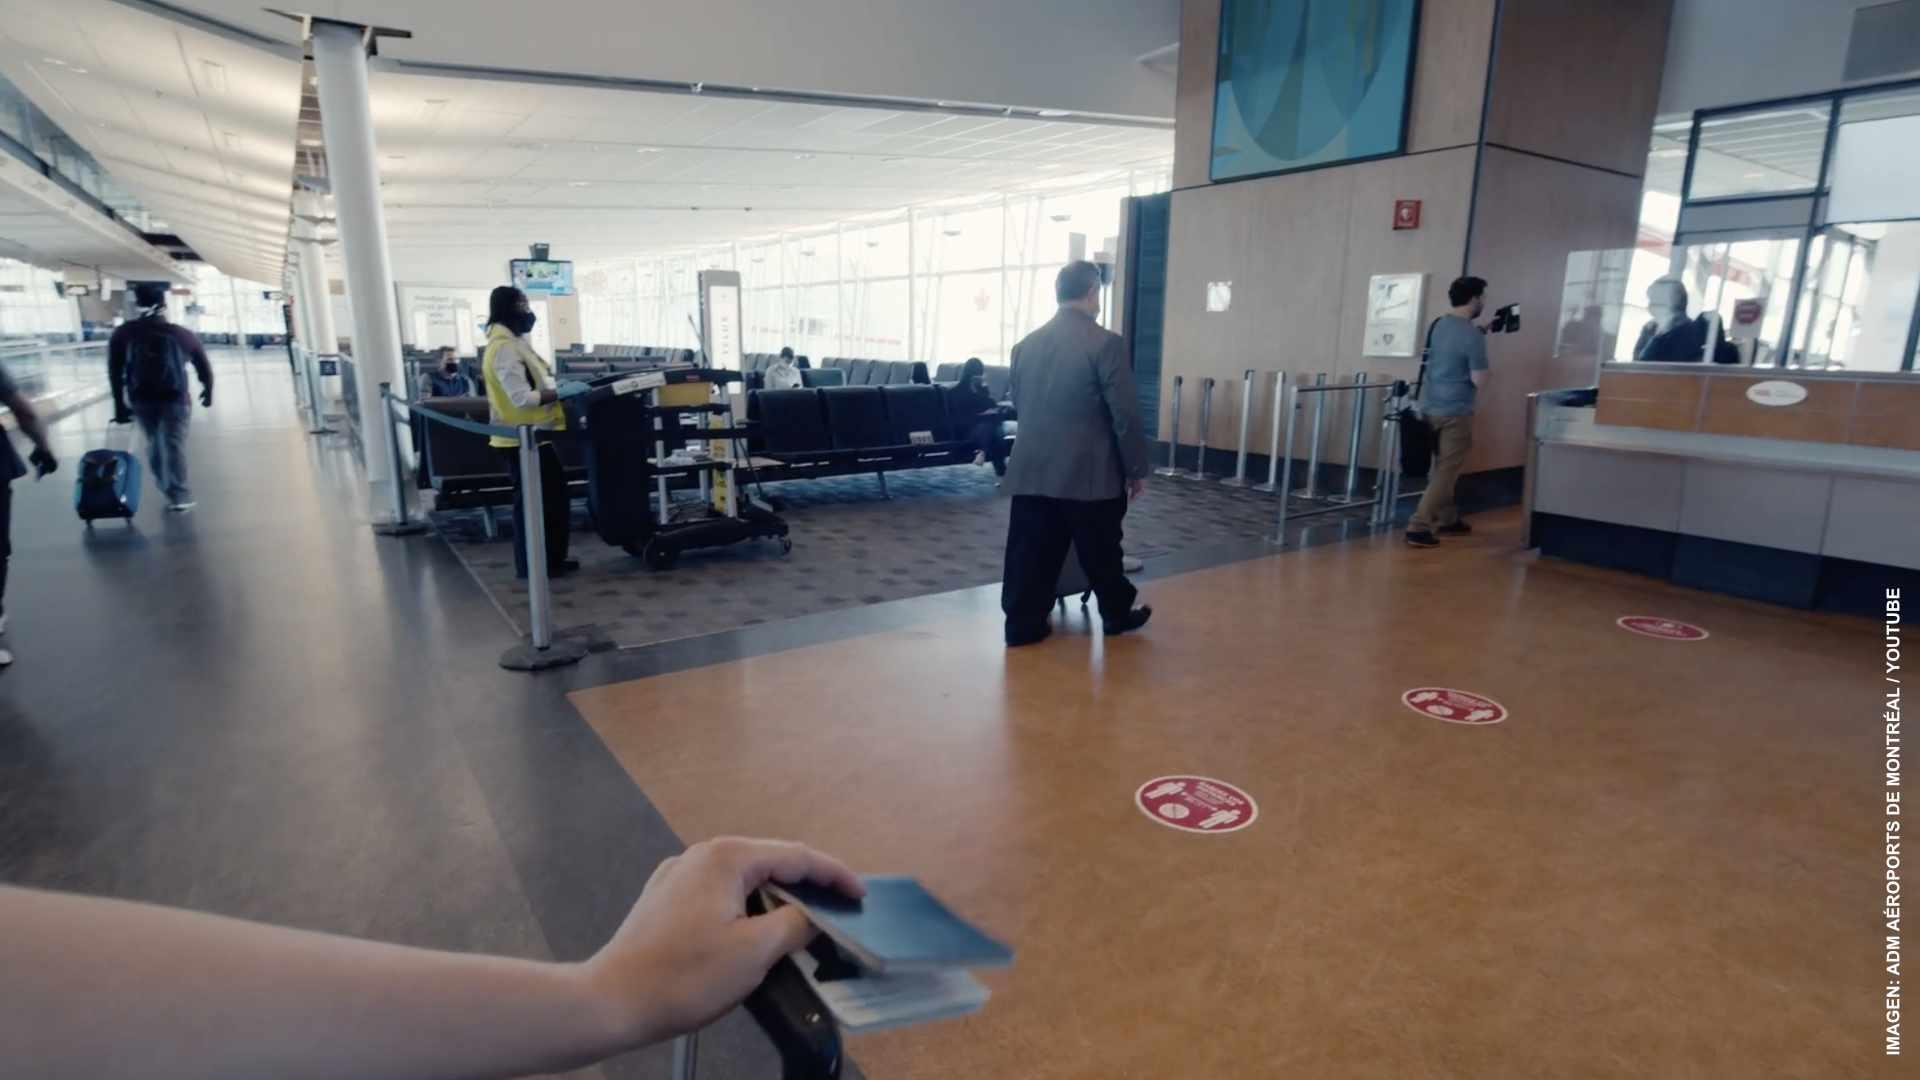 Canadienses vacunados no guardarán cuarentena en hotel